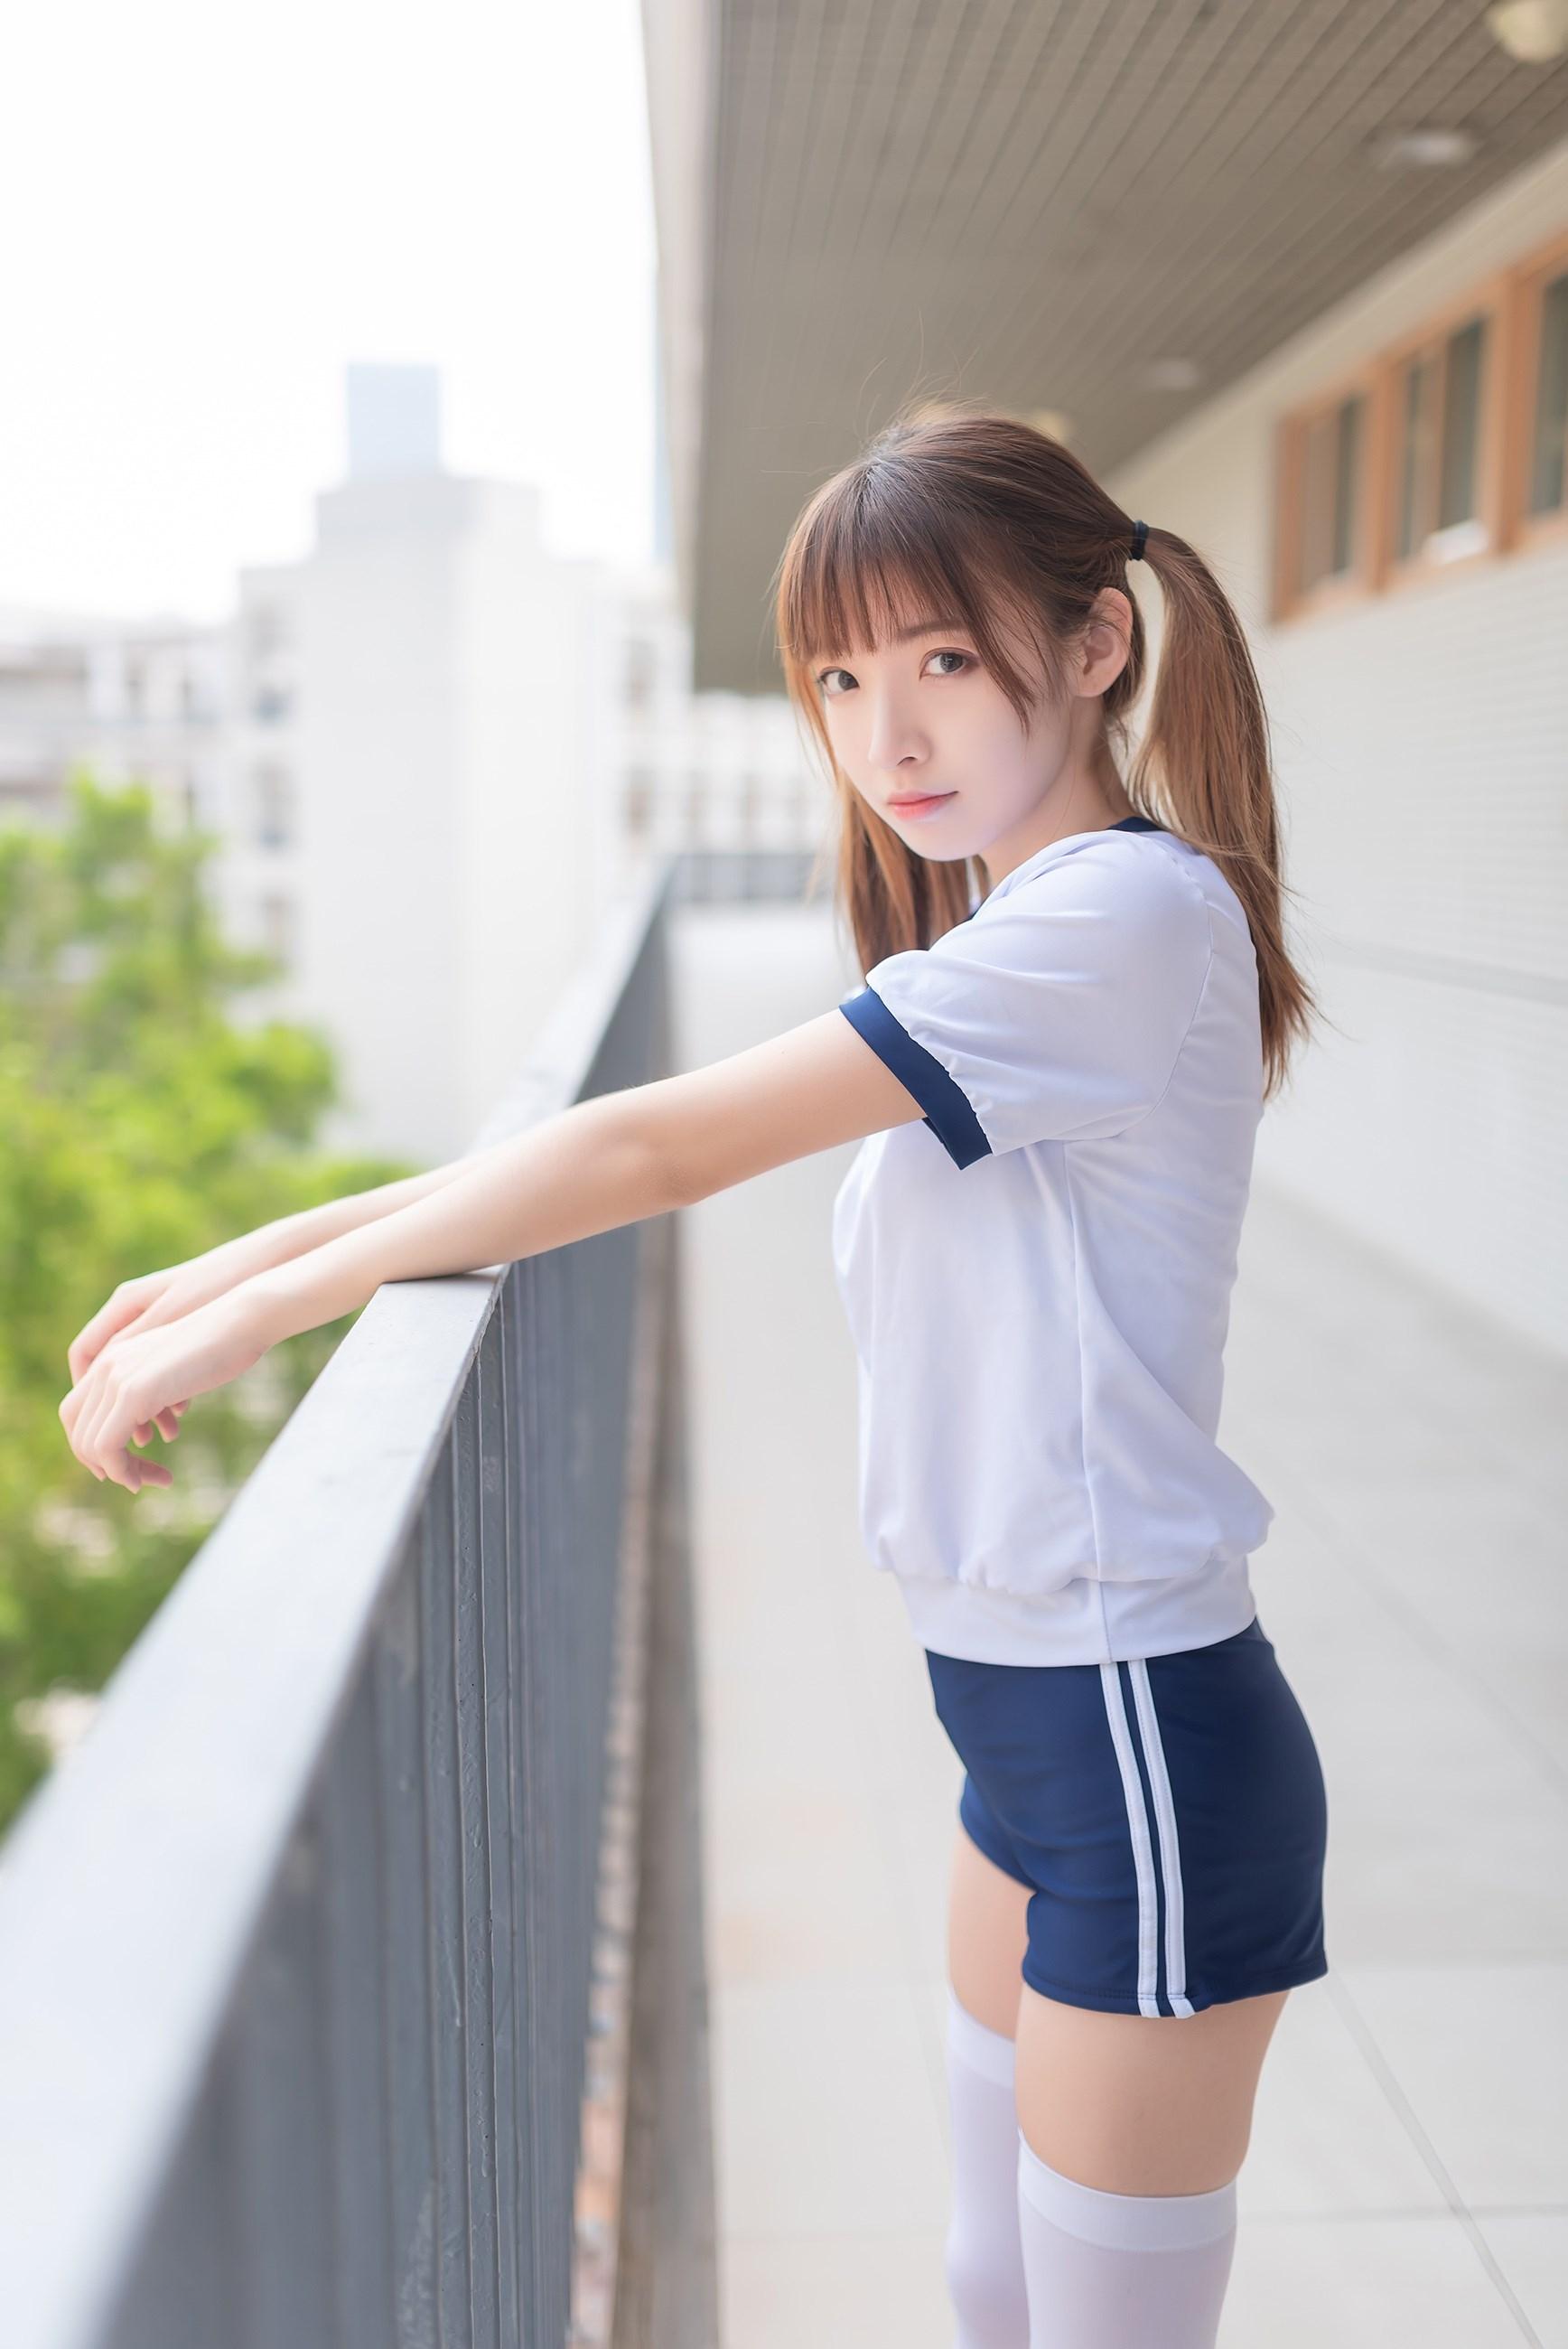 【兔玩映画】在教室门前穿体操服 兔玩映画 第1张